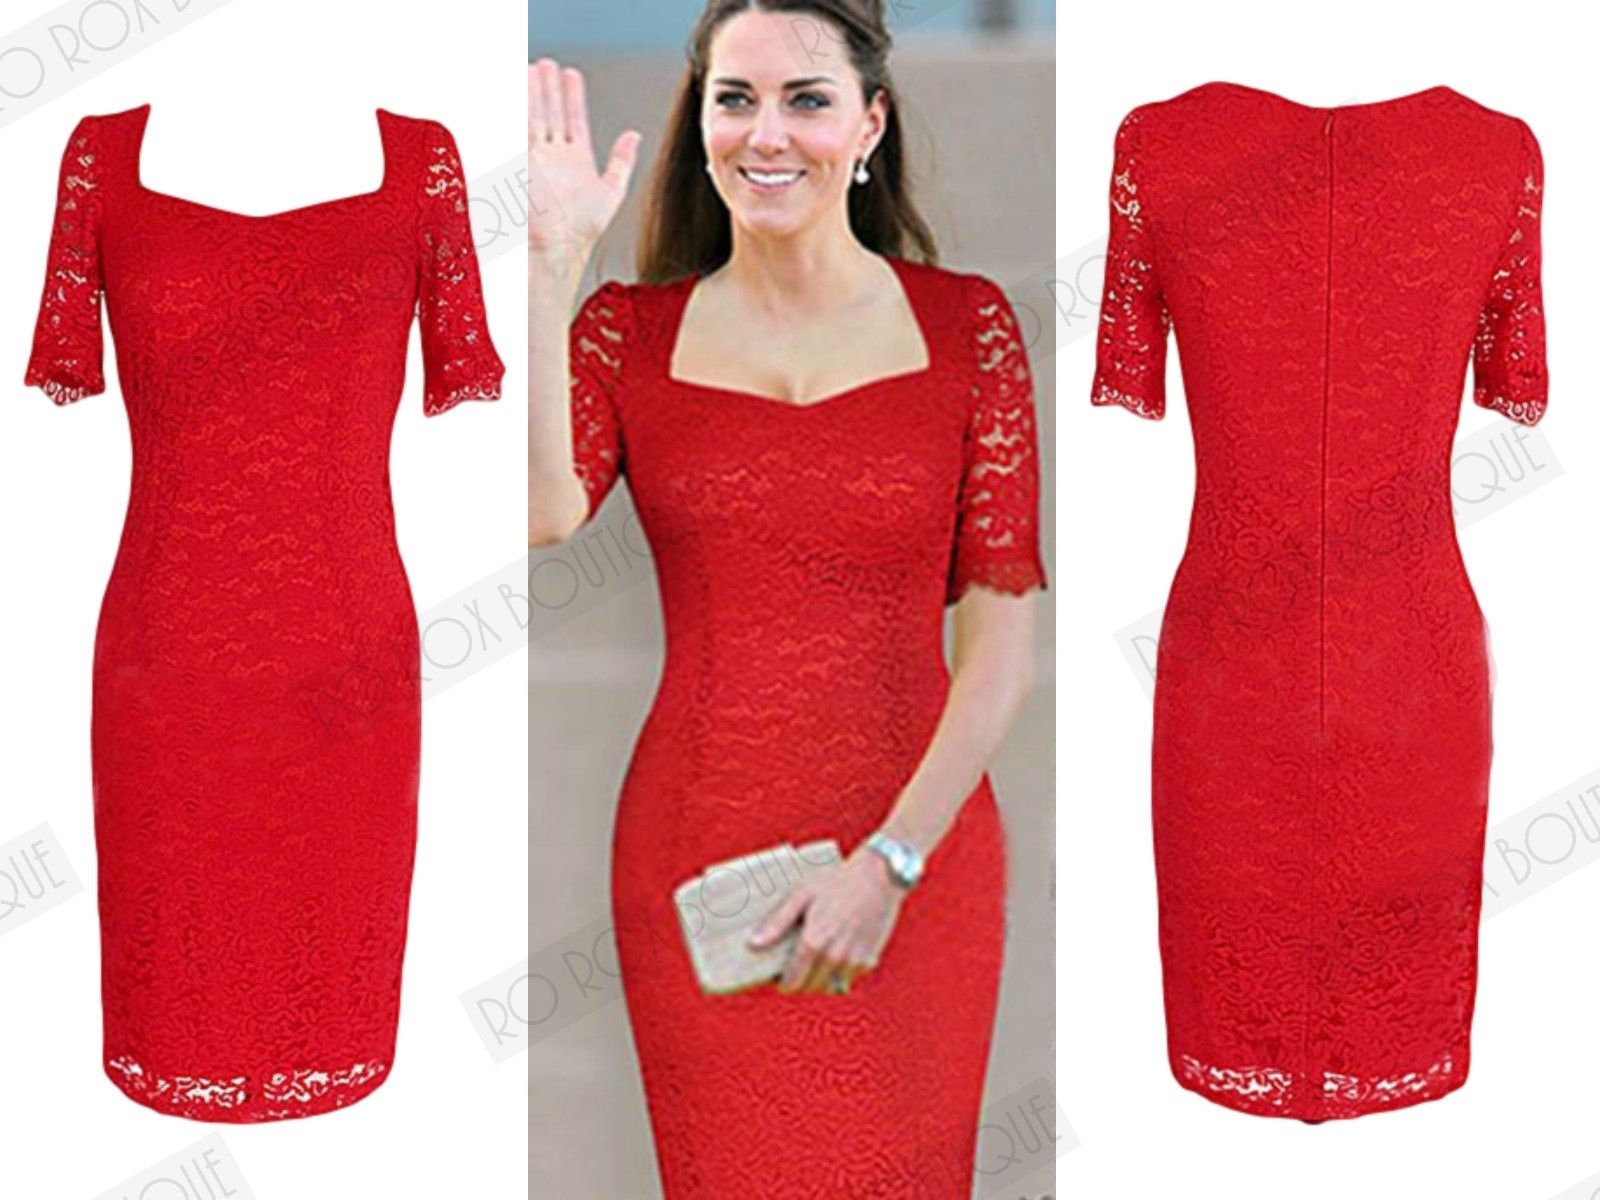 723eaf35 Rojo Vestido Ajustado Encaje Estilo Vintage 1950s De Tubo Con Movimiento    Ropa, calzado y complementos, Ropa de mujer, Vestidos   eBay!